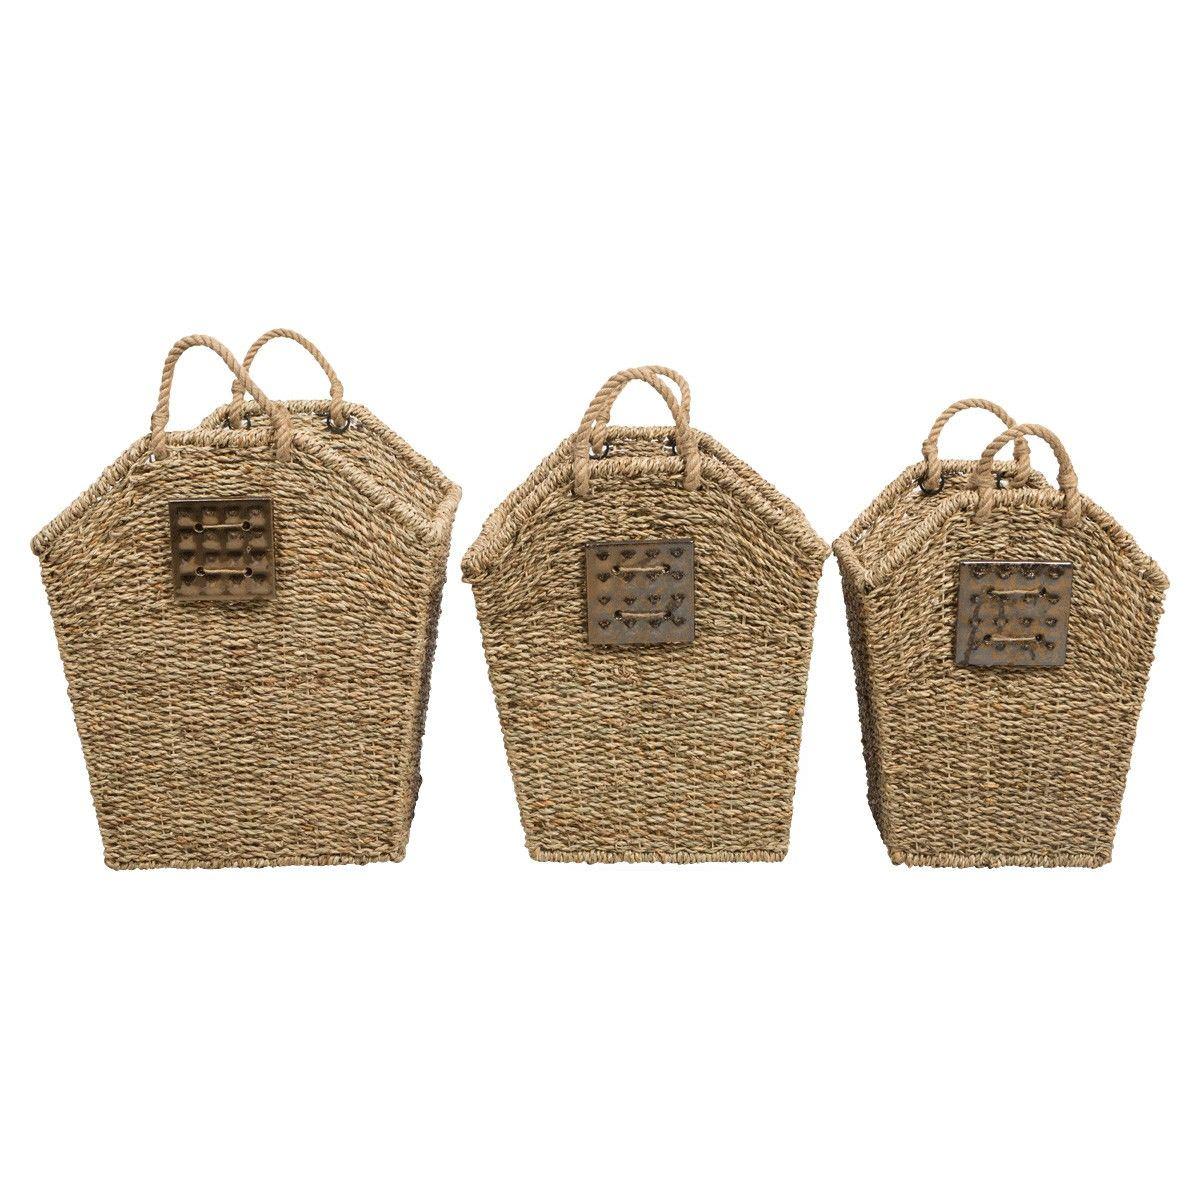 Lawson 3 Piece Seagrass Basket Set